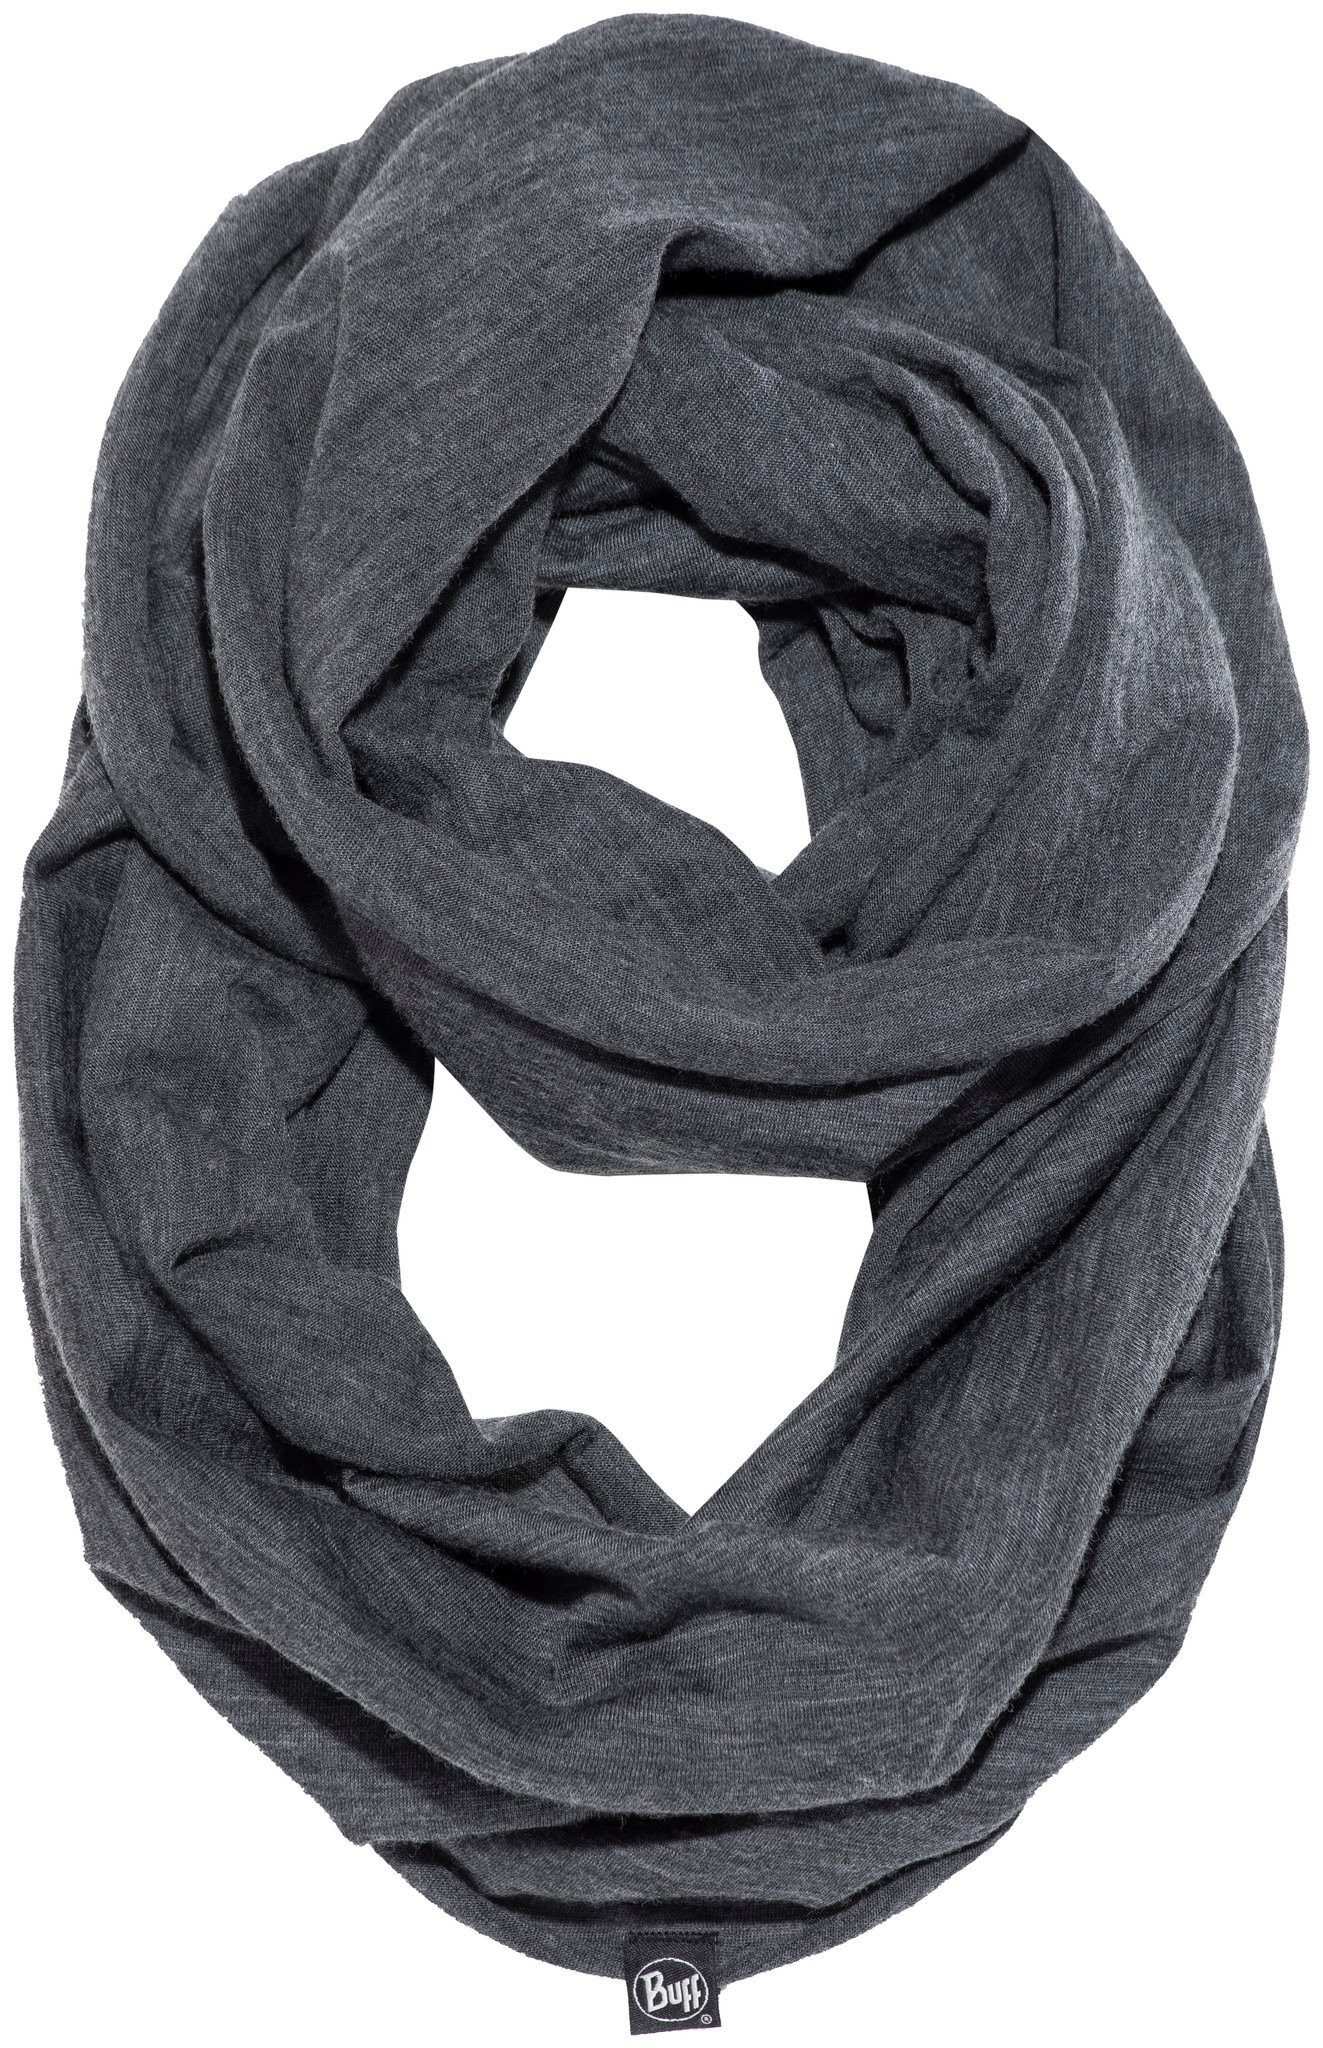 Buff Accessoire »Infinity Merino Wool«